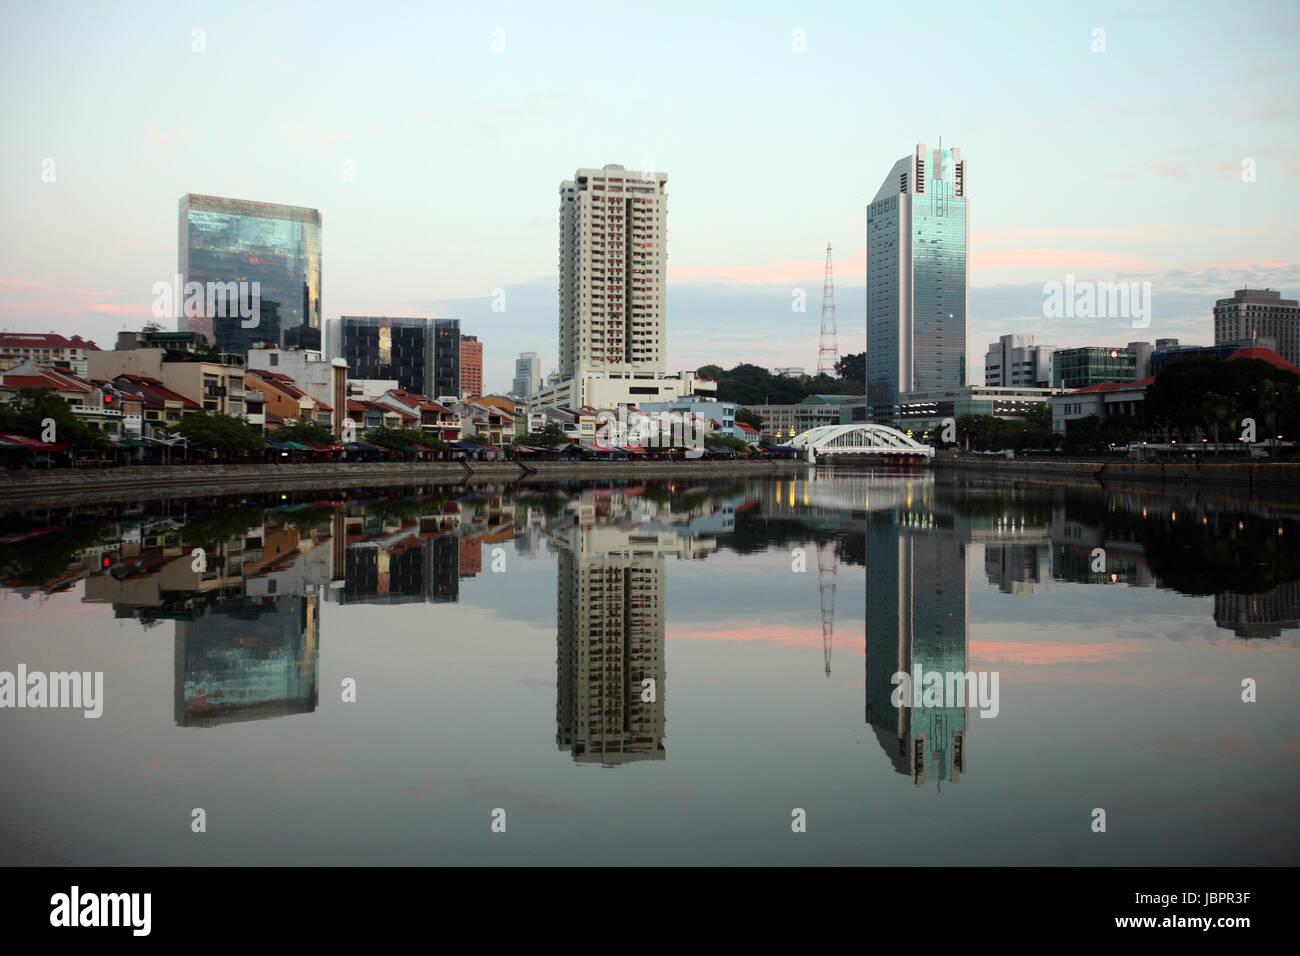 Asien, Suedost, Singapur, Insel, Staat, Stadt, City, Skyline, Zentrum, Boat Quay, Bankenviertel, Nacht, Singapore Stock Photo